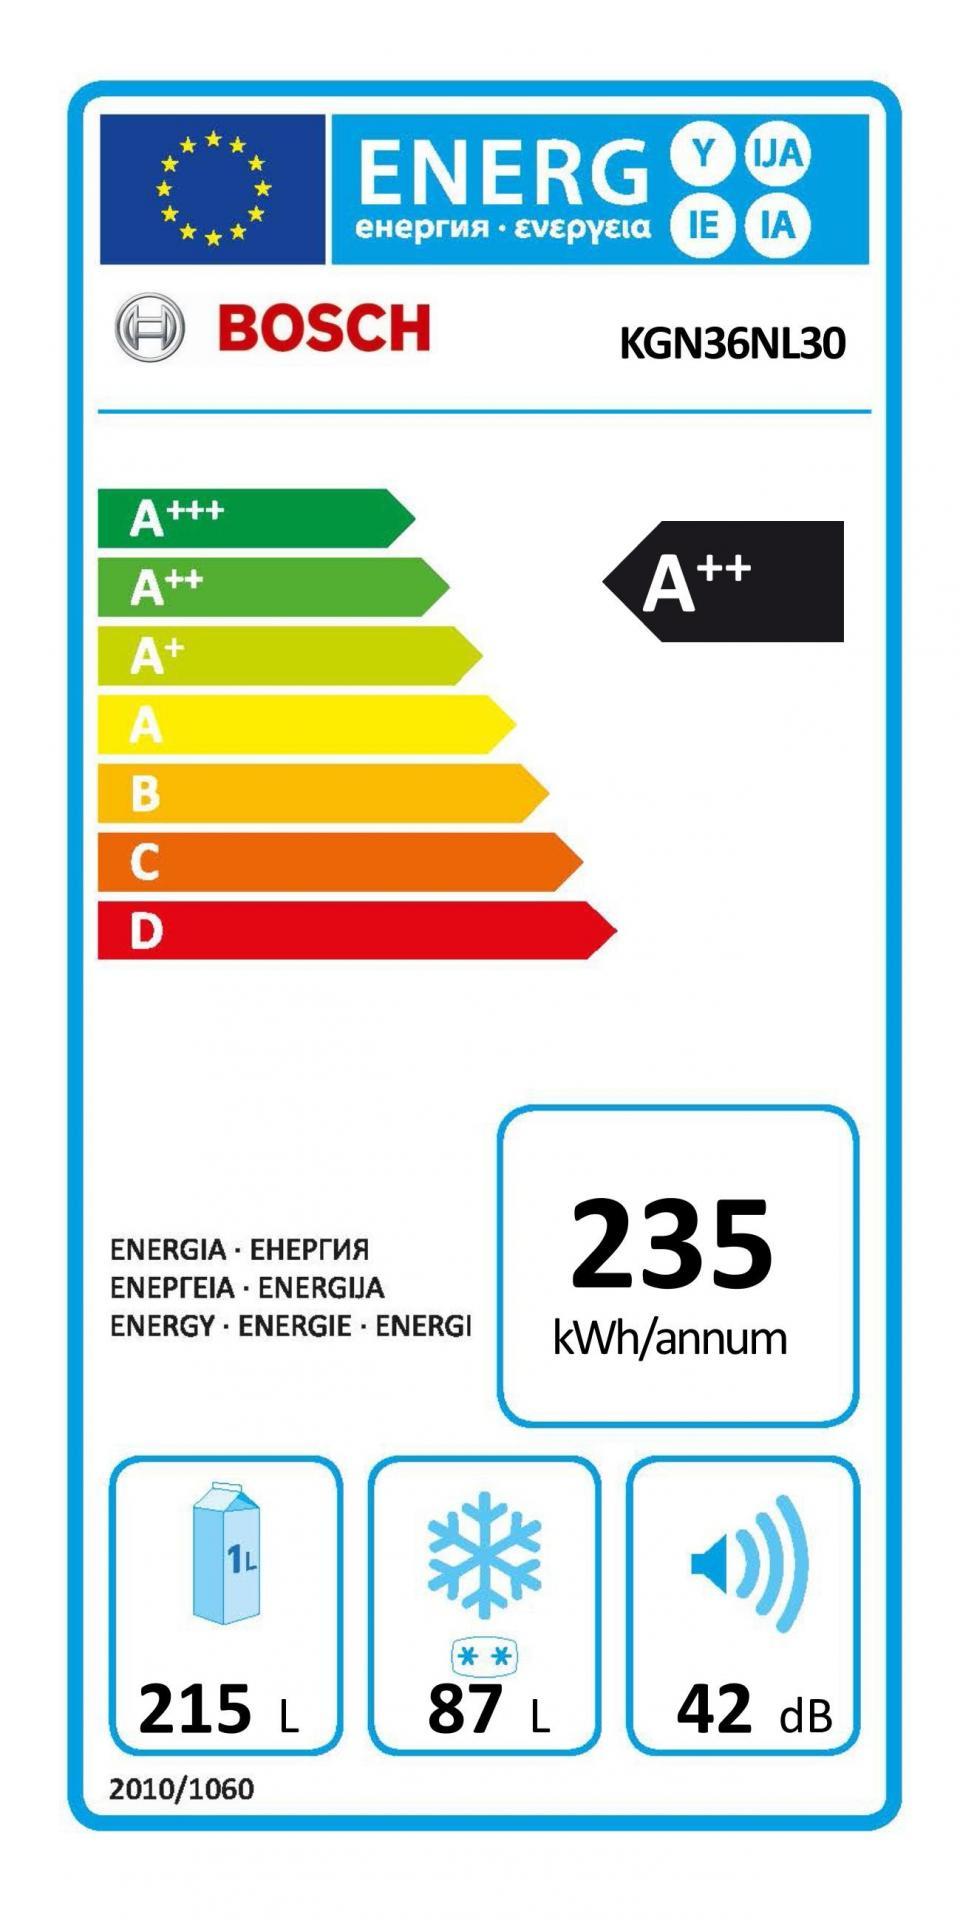 Kgn36nl30 energie